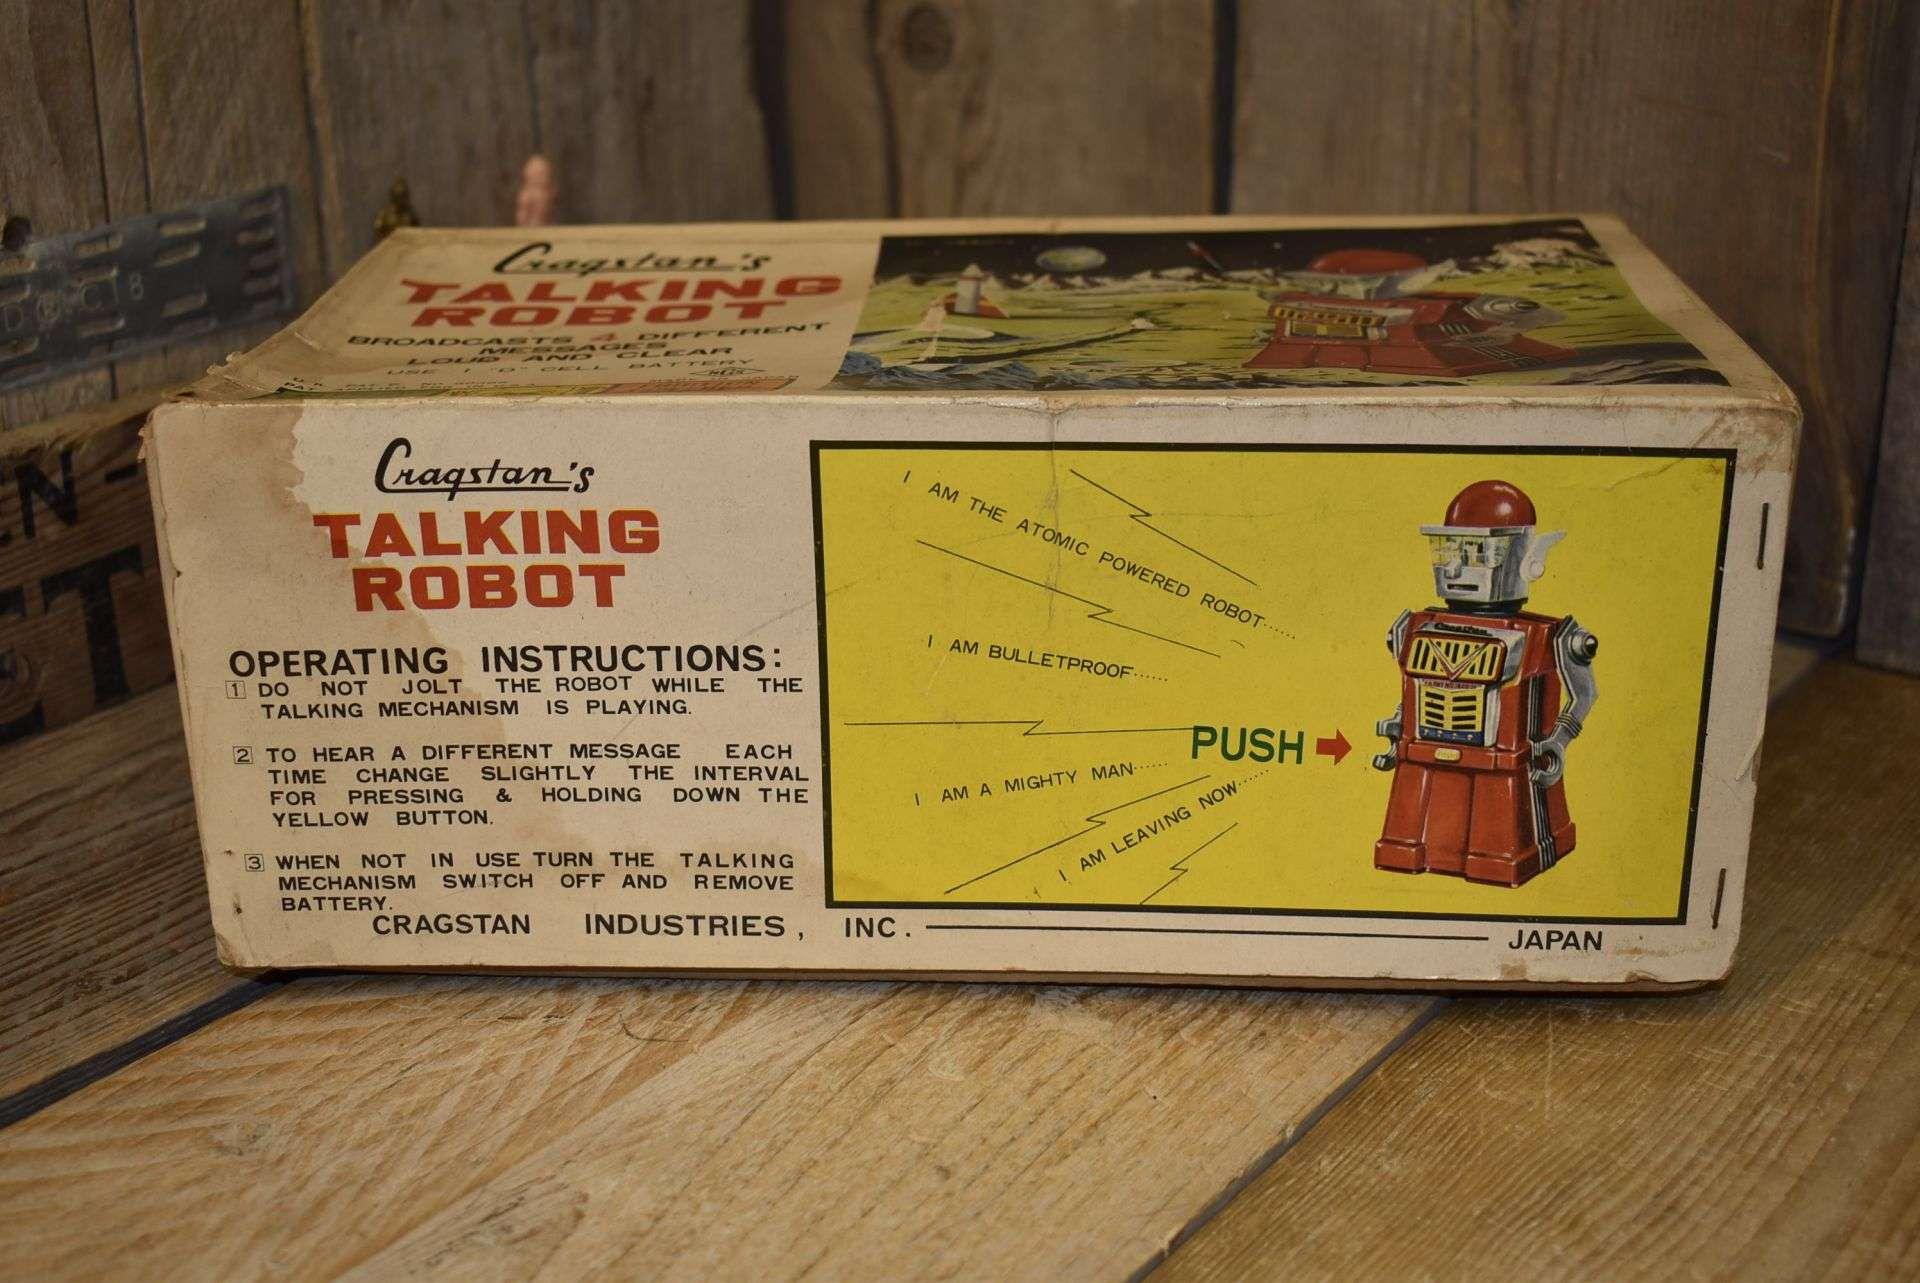 Yonezawa Cragstan - Talking Robot